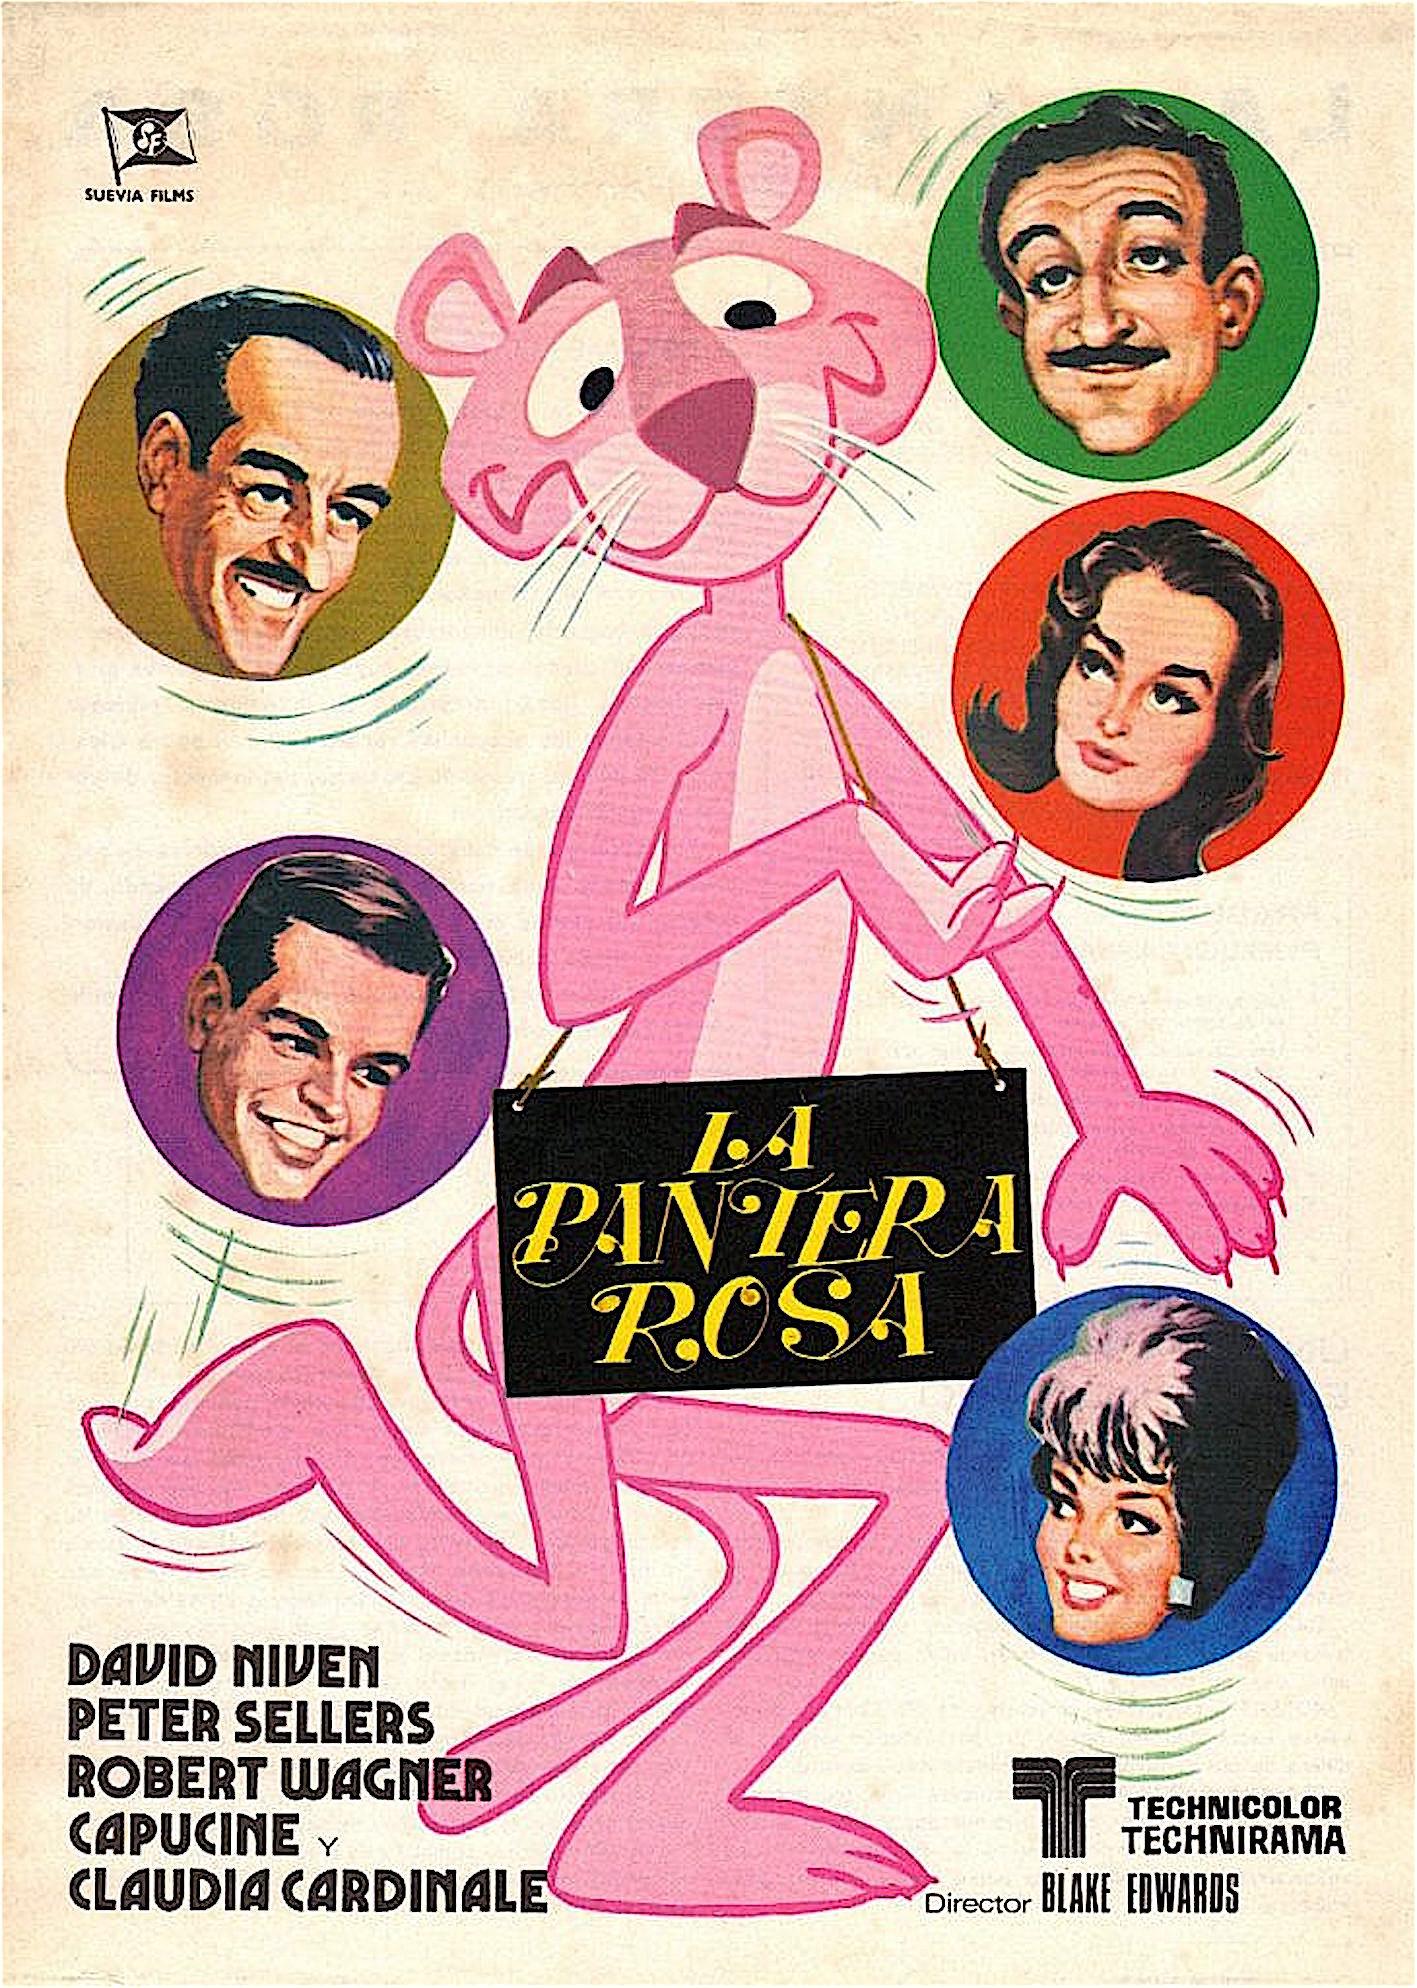 pantera-rosa-film-cartone